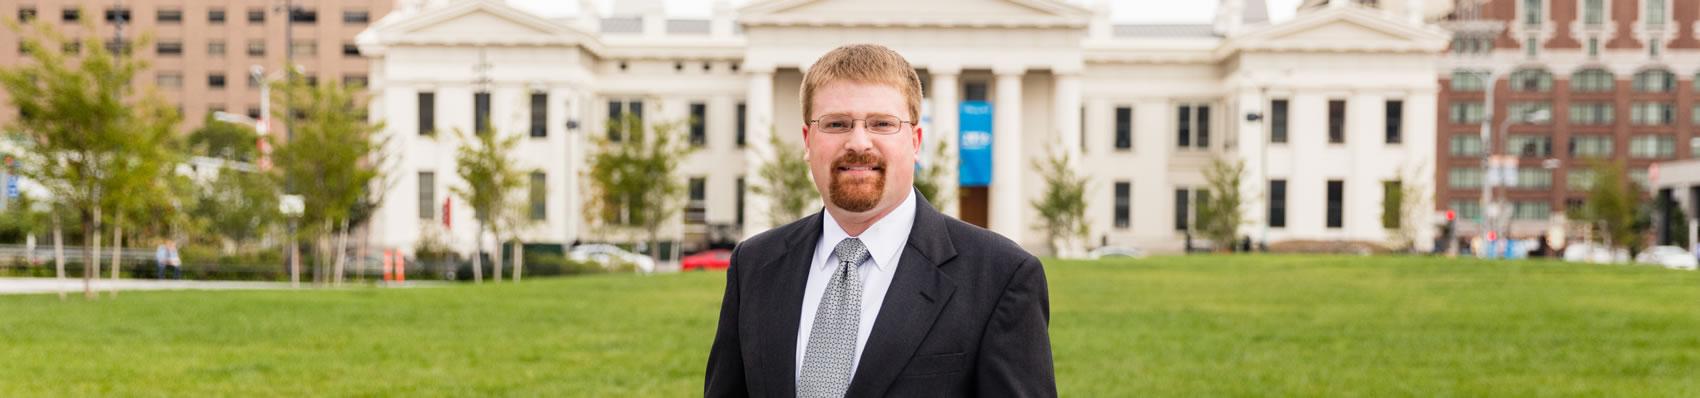 David Weber, Associate at Pitzer Snodgrass, P.C.